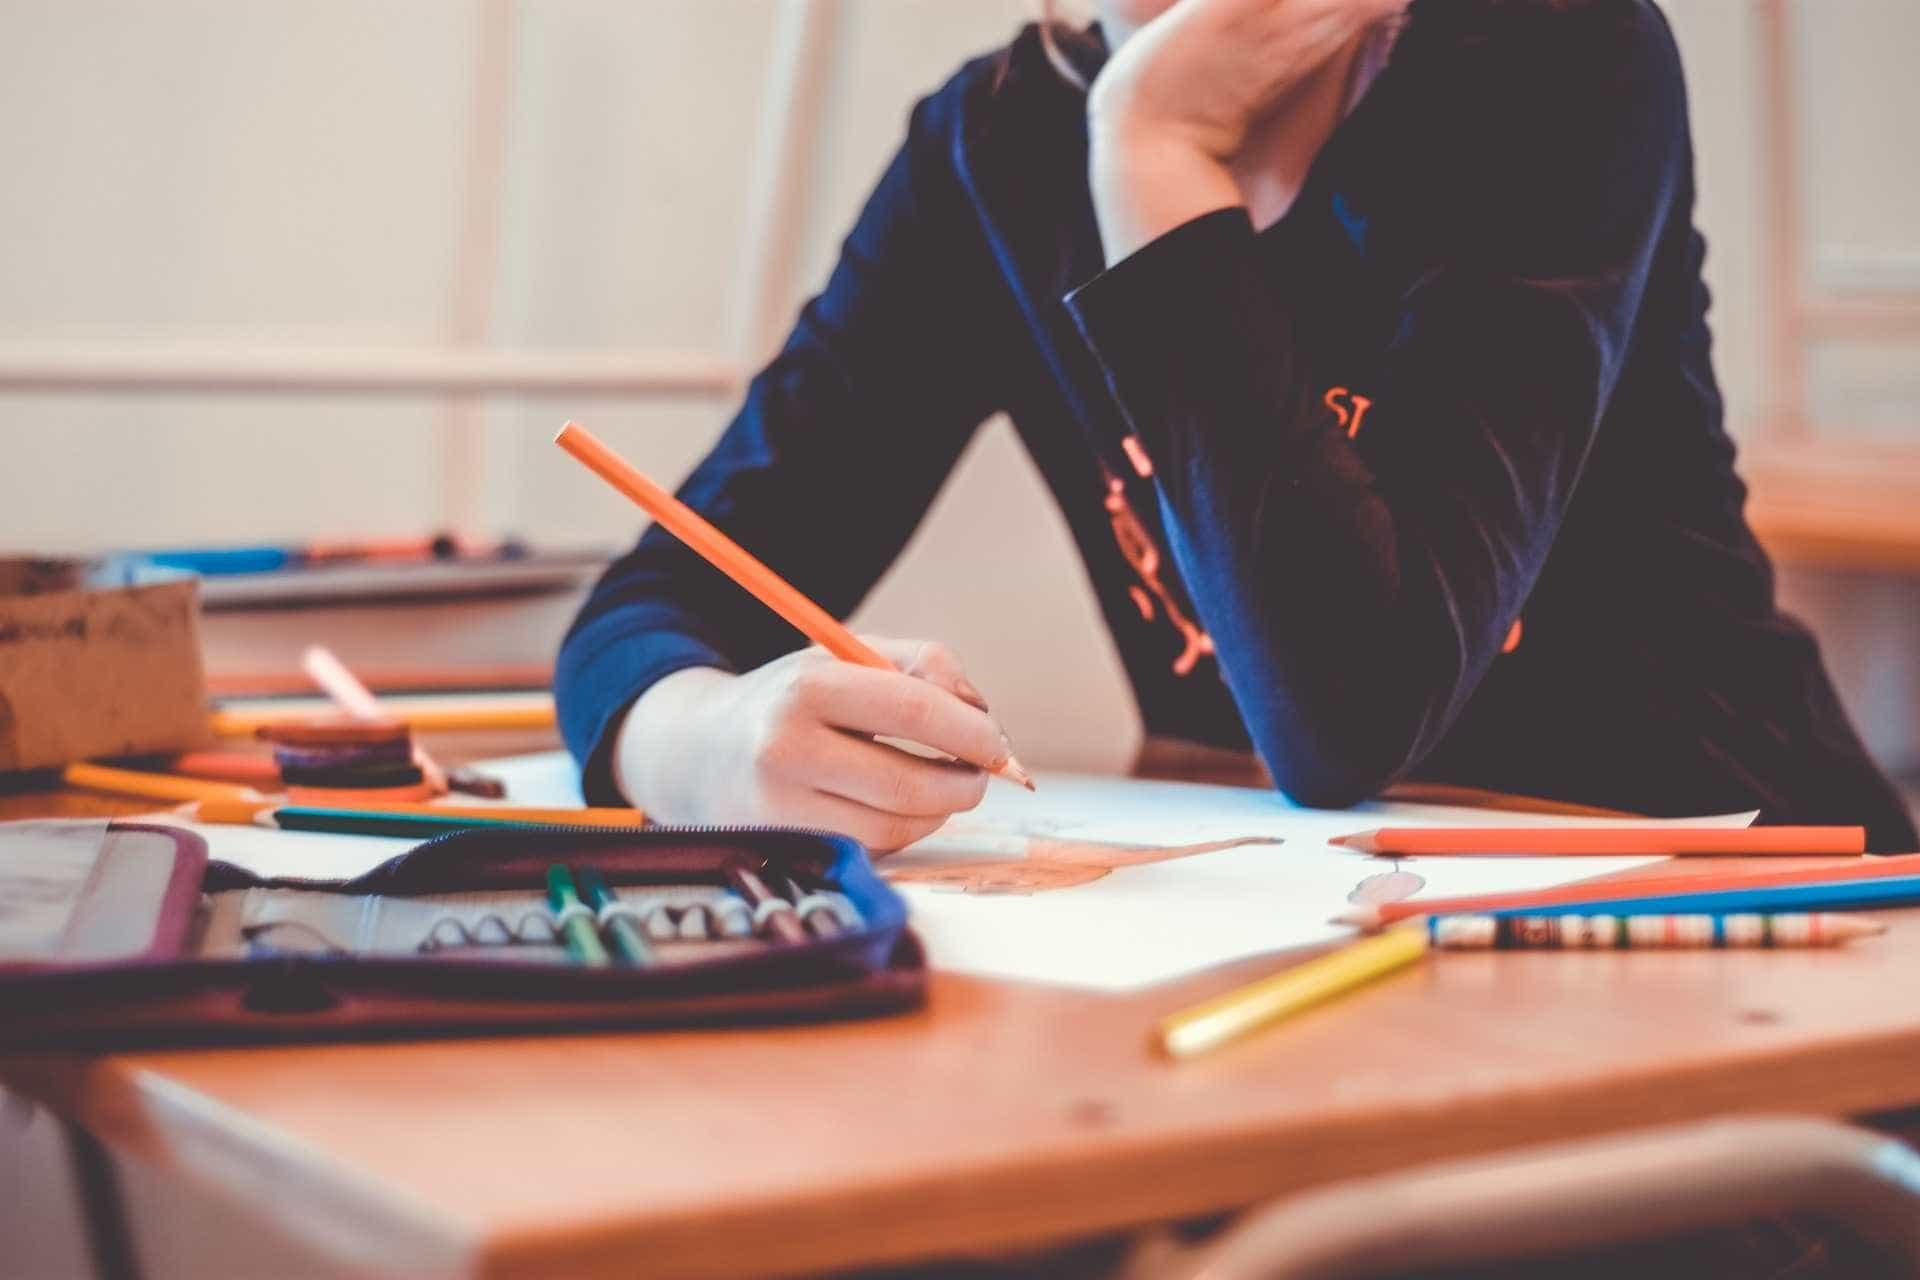 OCDE aponta que 52% dos brasileiros não tem diploma do ensino médio